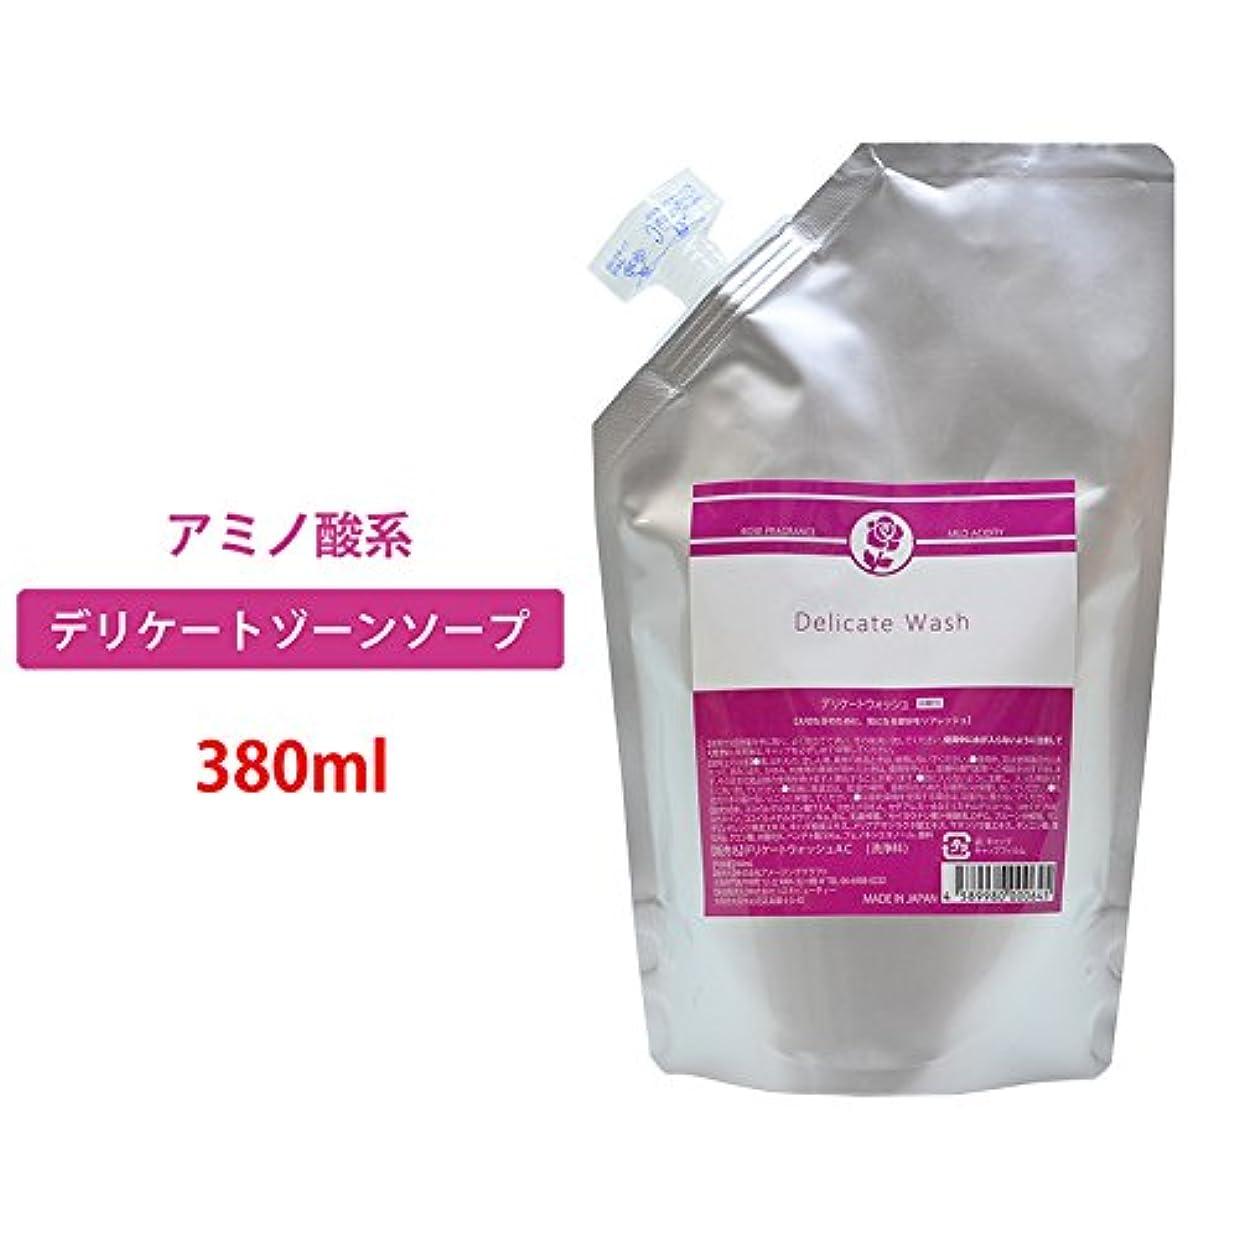 症状お手入れ省略デリケートウォッシュ 日本製デリケートゾーンソープ たっぷり380ml フェミニン ウォッシュ